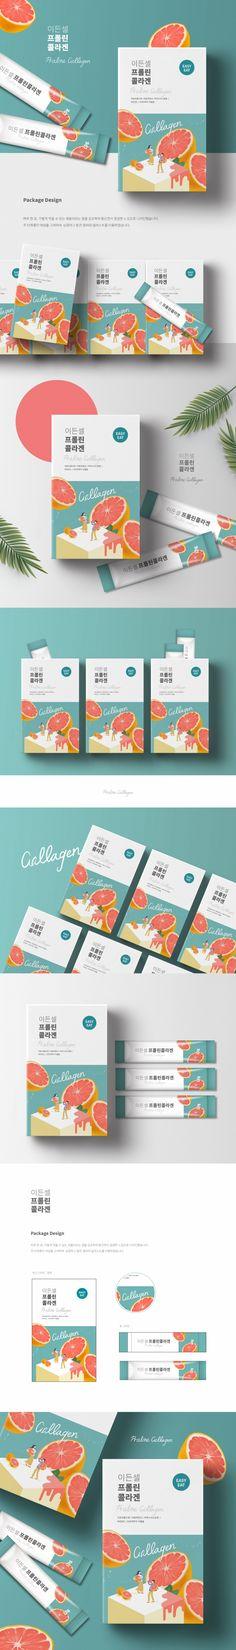 패키지디자인 포트폴리오 보기 | 패키지 디자인 외주 | 디자인공모전 | 라우드소싱 Magazine Layout Design, Book Design Layout, Box Design, Page Design, Yearbook Pages, Yearbook Layouts, Yearbook Spreads, Brand Packaging, Packaging Design